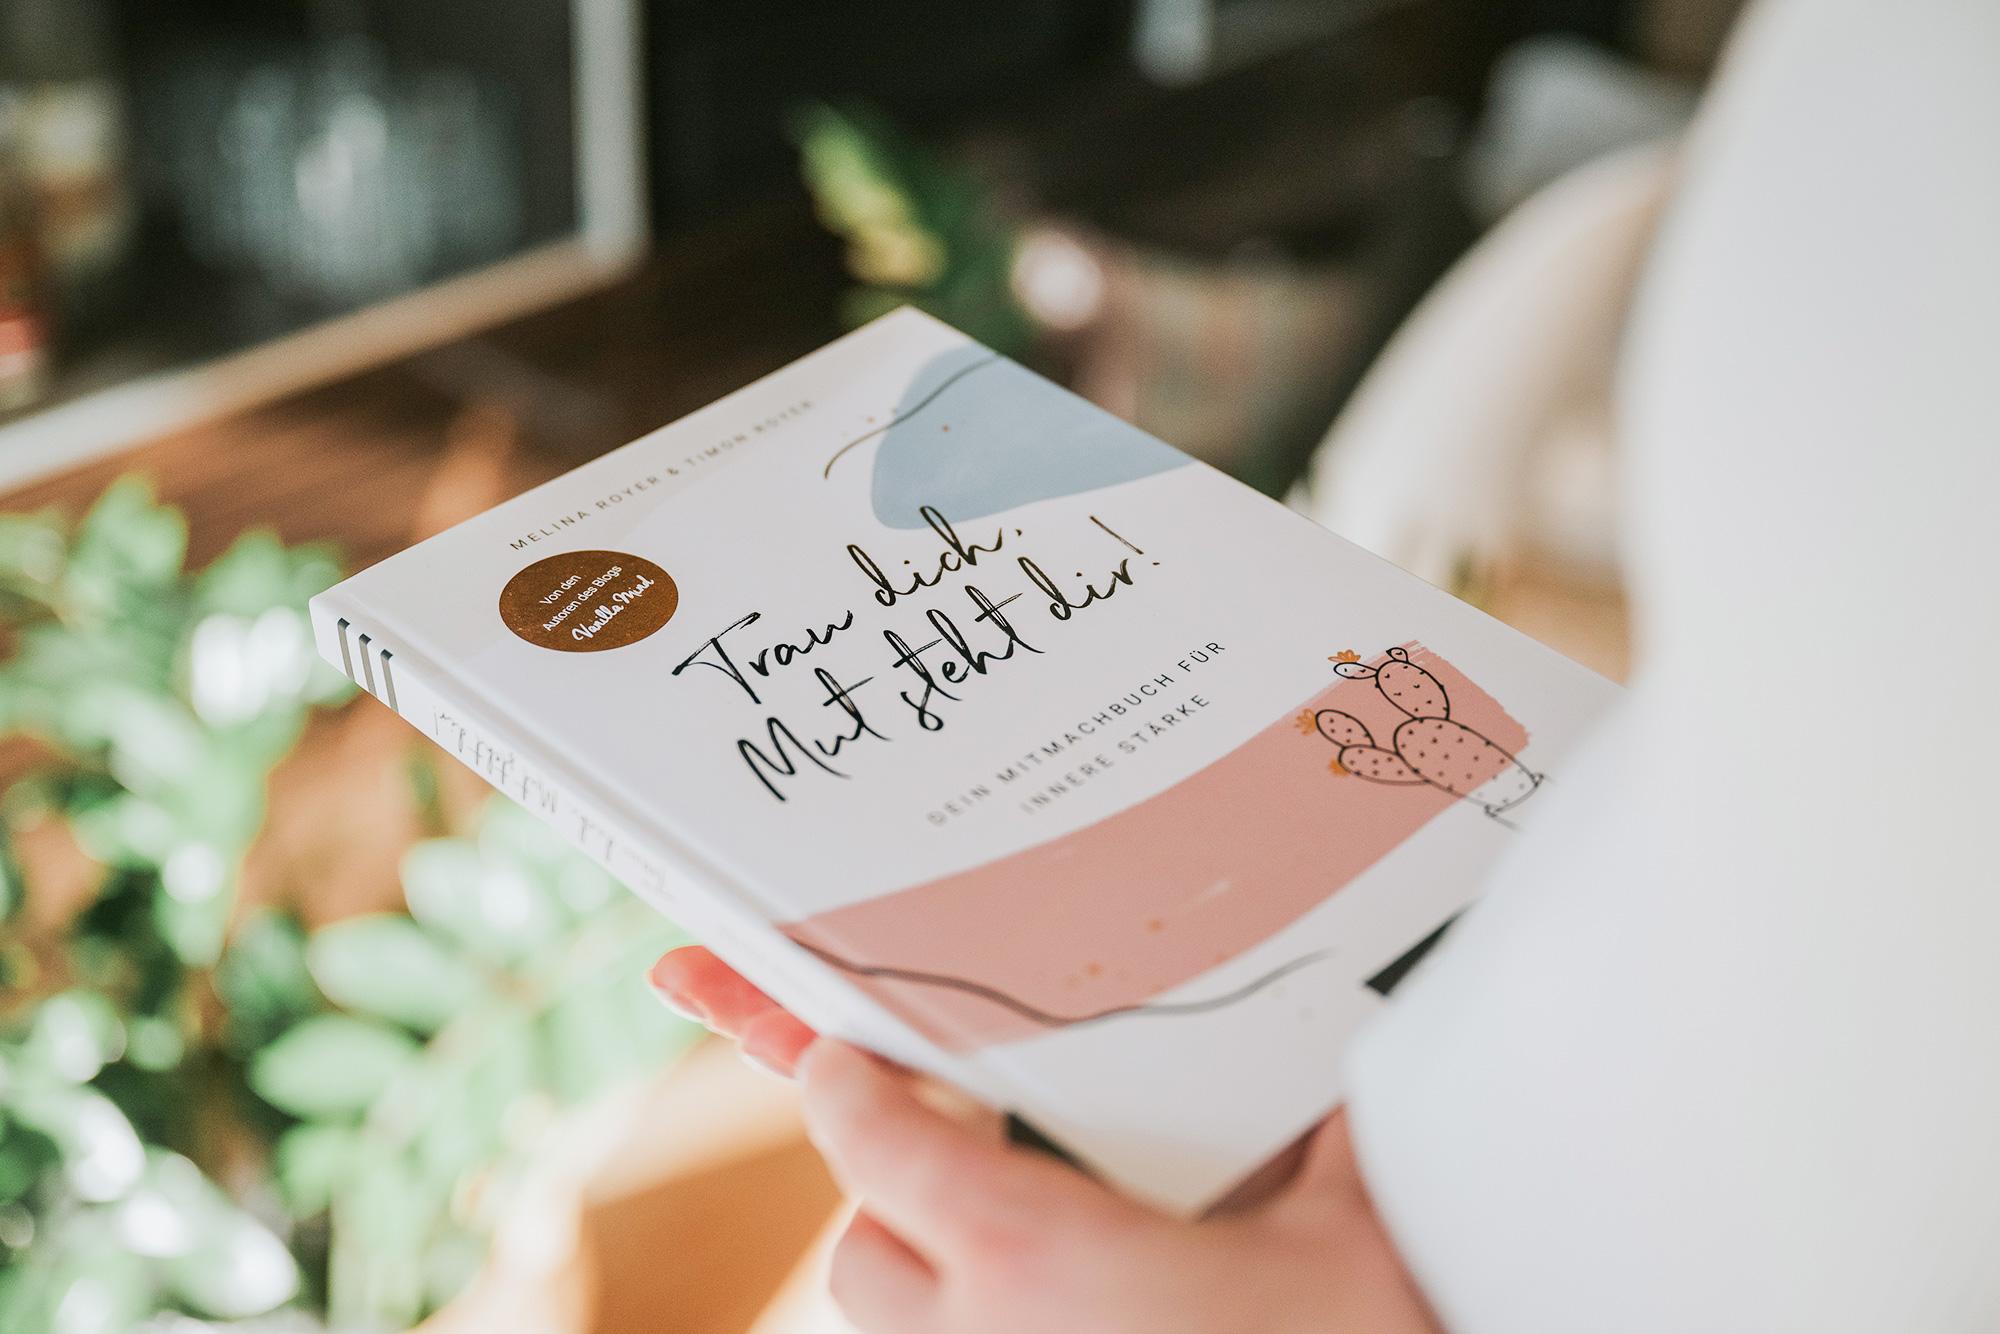 """""""Trau dich, Mut steht dir!"""" Dein Eintragbuch für mehr Mut und mentale Stärke! Egal, ob du zu schüchtern bist, um auf andere zuzugehen, ob du deine Ziele endlich erreichen willst oder einfach dein Selbstvertrauen stärken möchtest: Dieses Eintragbuch steht dir bei den kleinen und großen Herausforderungen jeden Tag zur Seite. Mit inspirierenden Impulstexten, konkreten Tipps und viel Platz für eigene Notizen und Gedanken macht es dir deine Stärken bewusst und lässt dich über dich hinauswachsen. #stillundstark #vanillamind"""